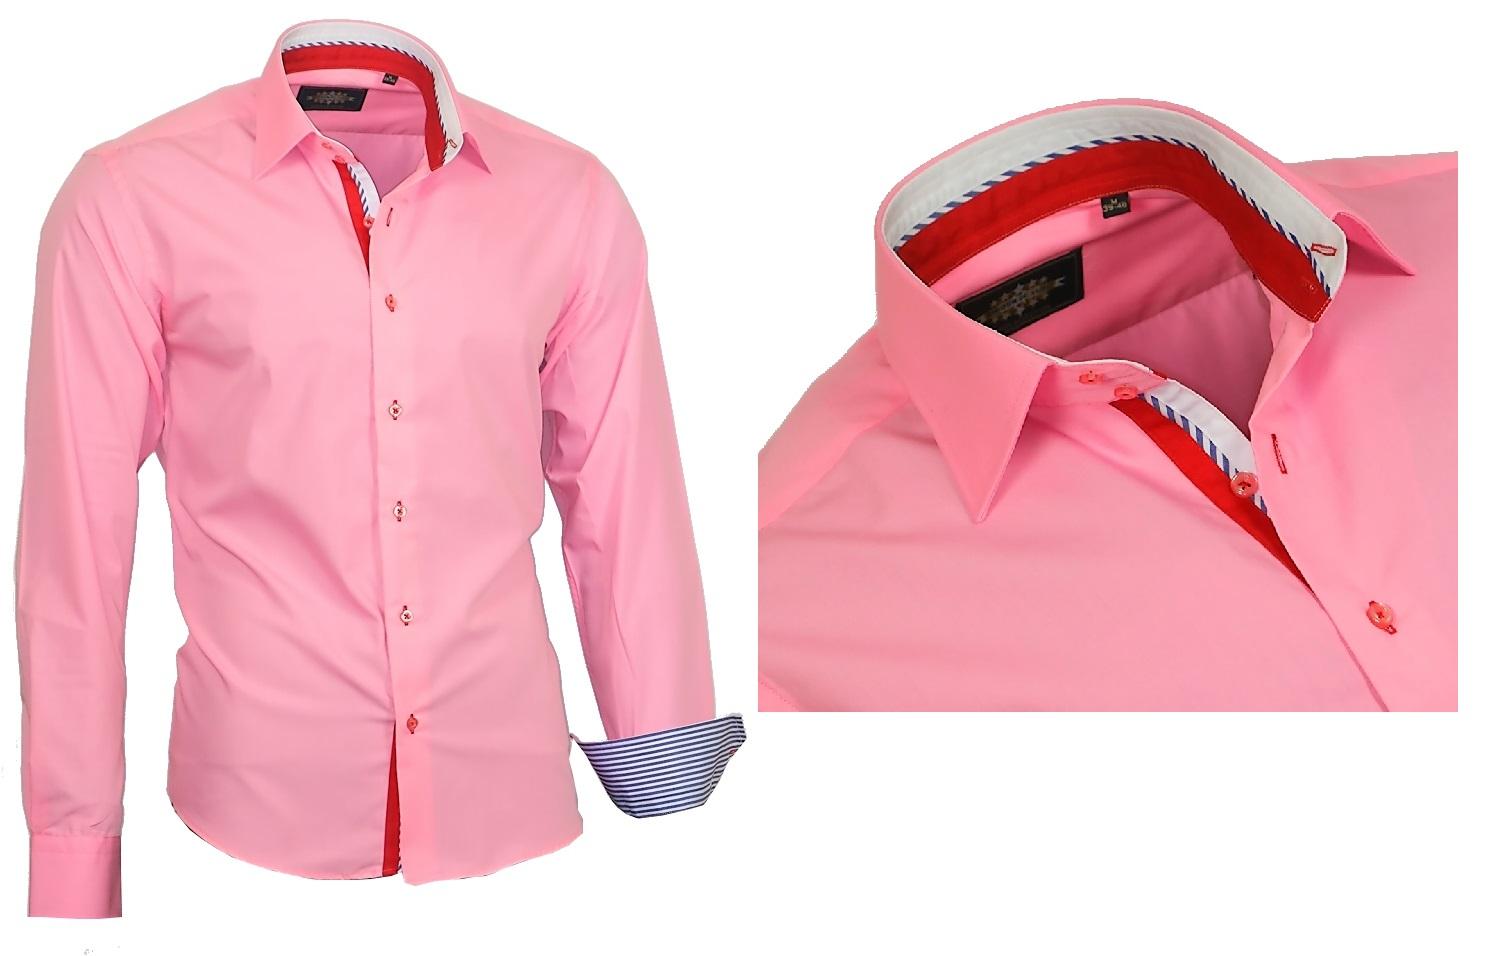 Herrenhemd-Herren-Hemd-Hemden-Shirt-Kentkragen-Langarm-827-Binder-de-Luxe Indexbild 6